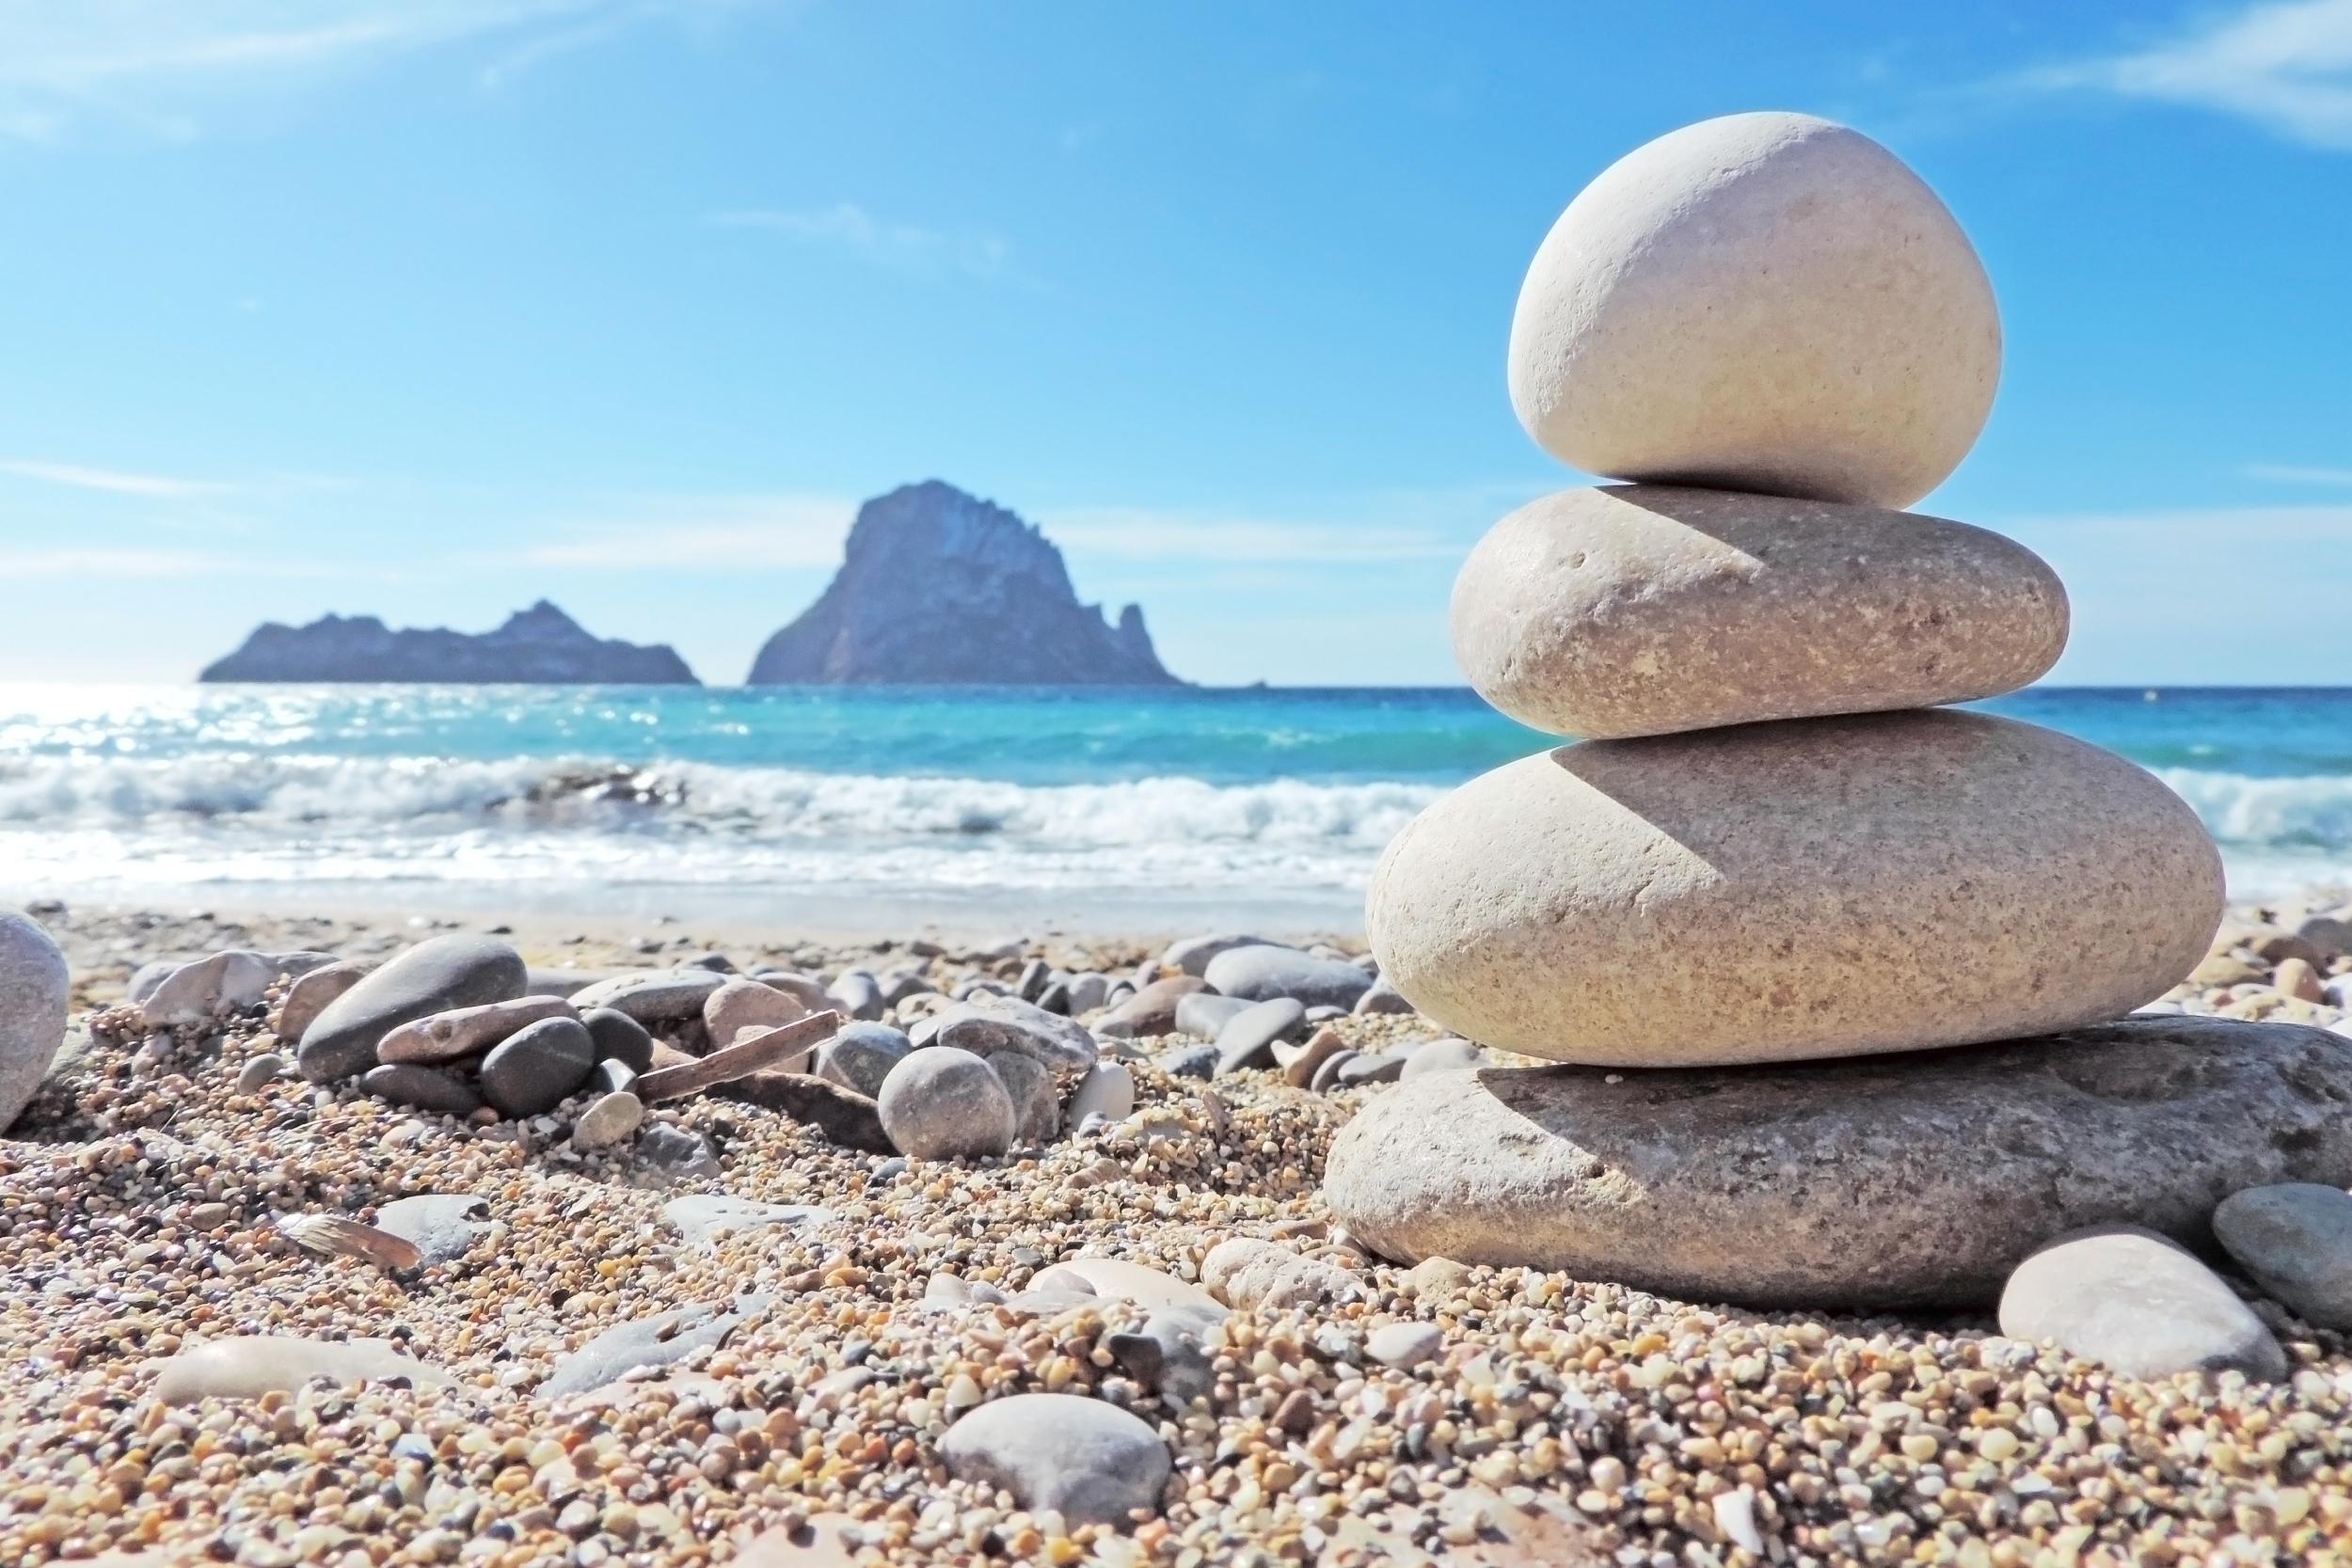 Ibiza es el lugar perfecto para hacer reset, según The Guardian